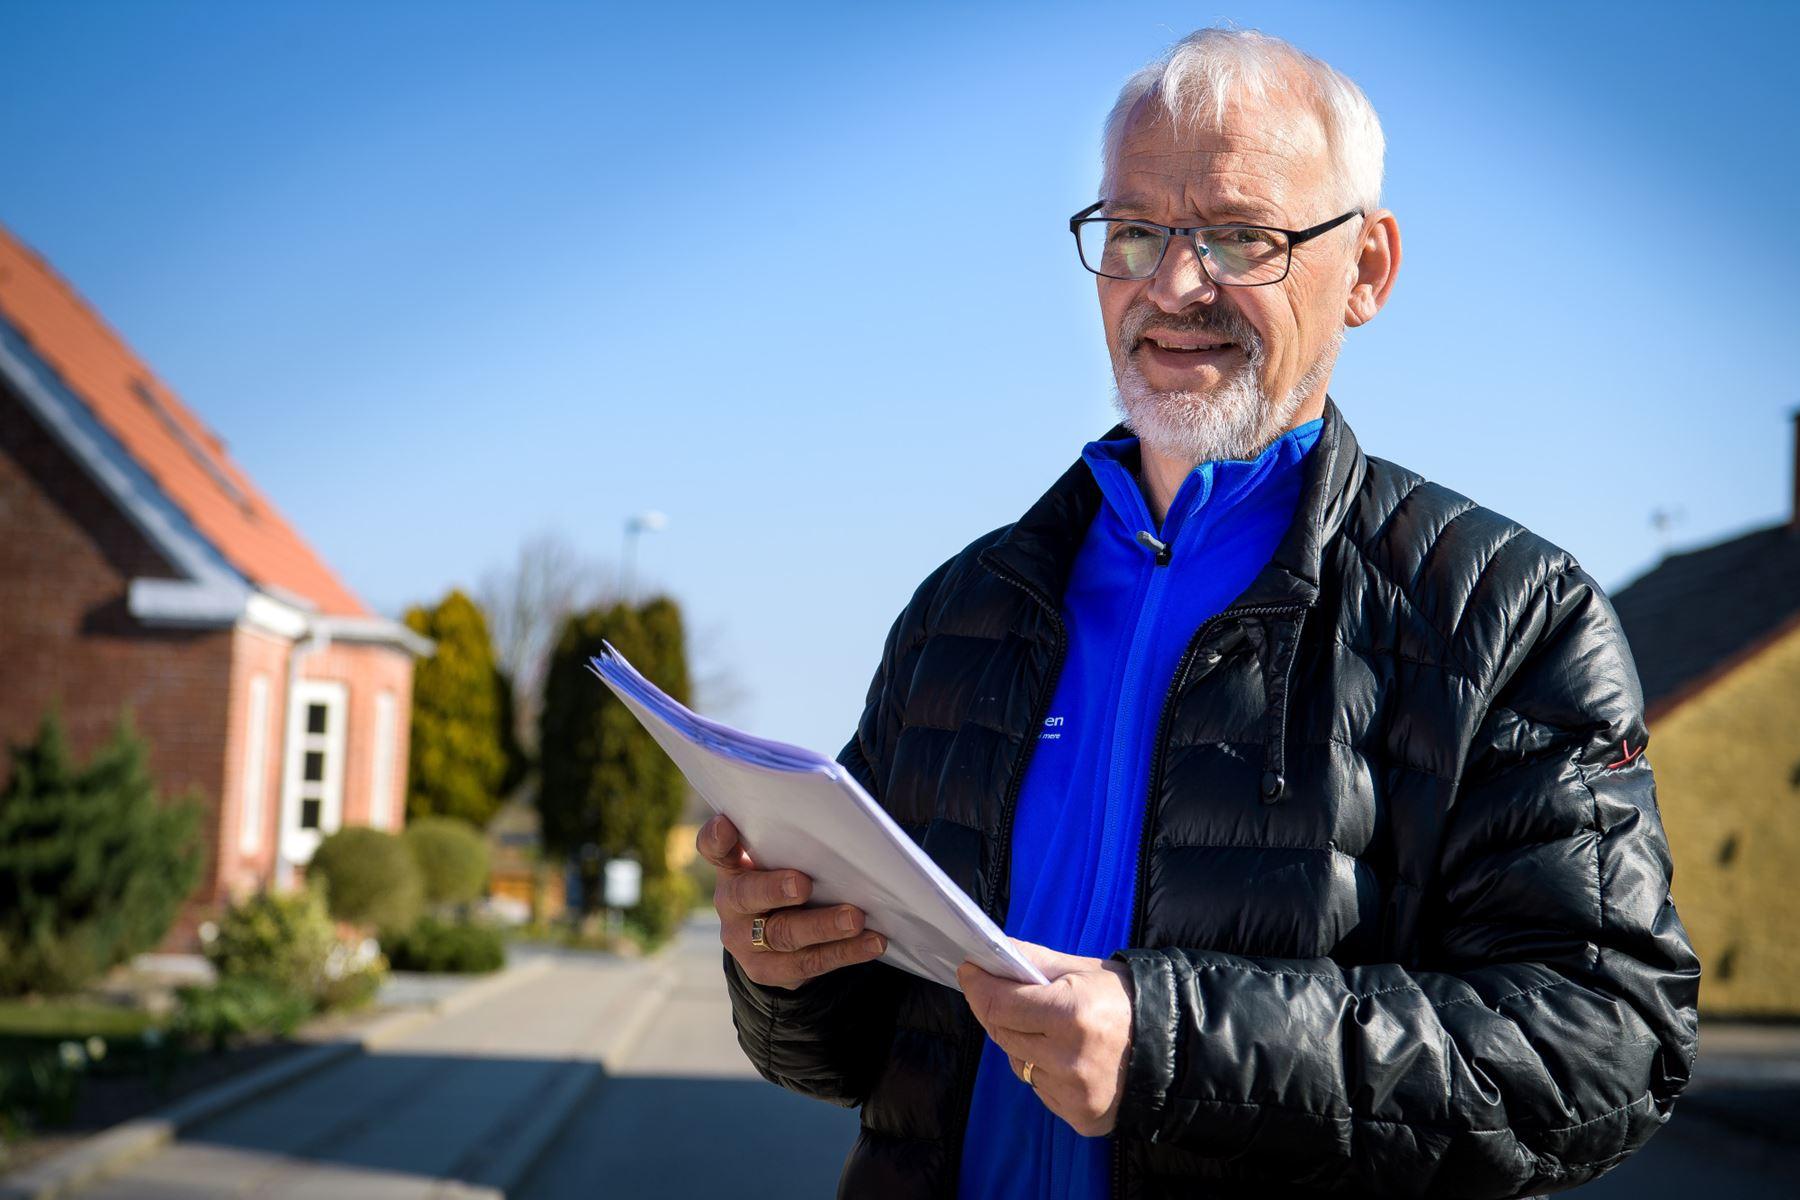 Anders Vestergård har stemt dørklokker i hele Koldby for at hverve flere frivillige til byens mange aktiviteter